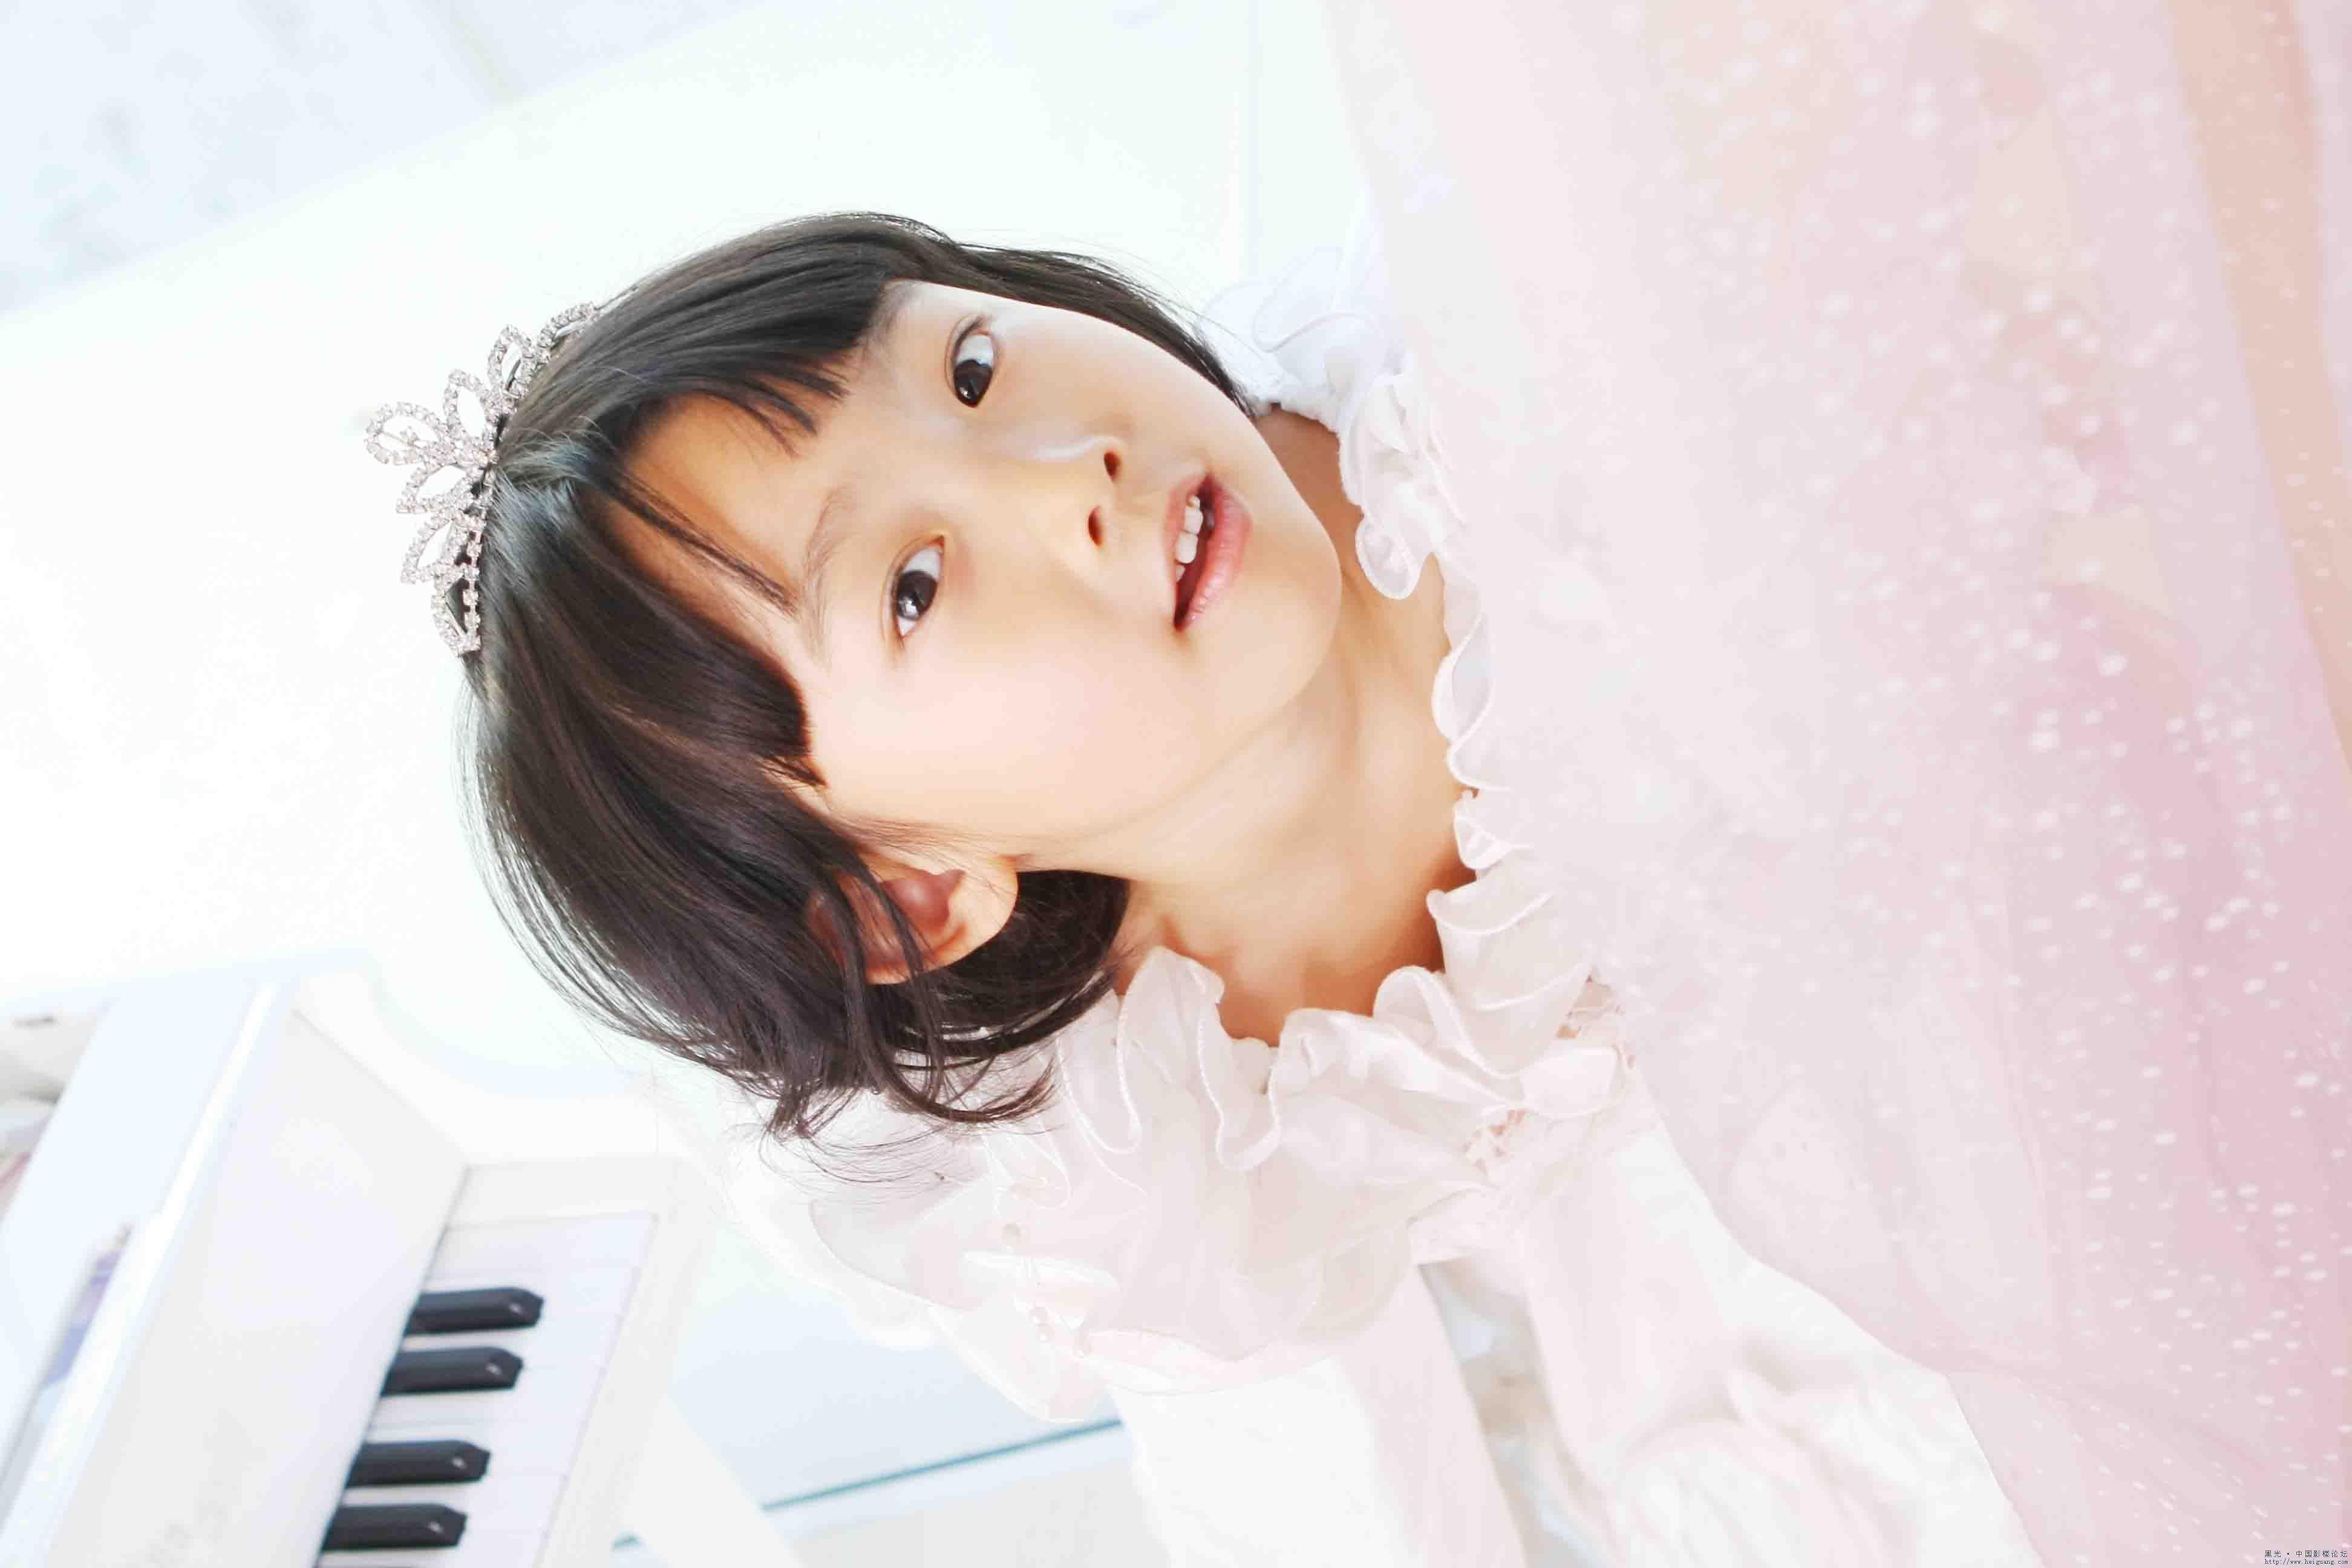 可爱的小女孩_儿童摄影作品